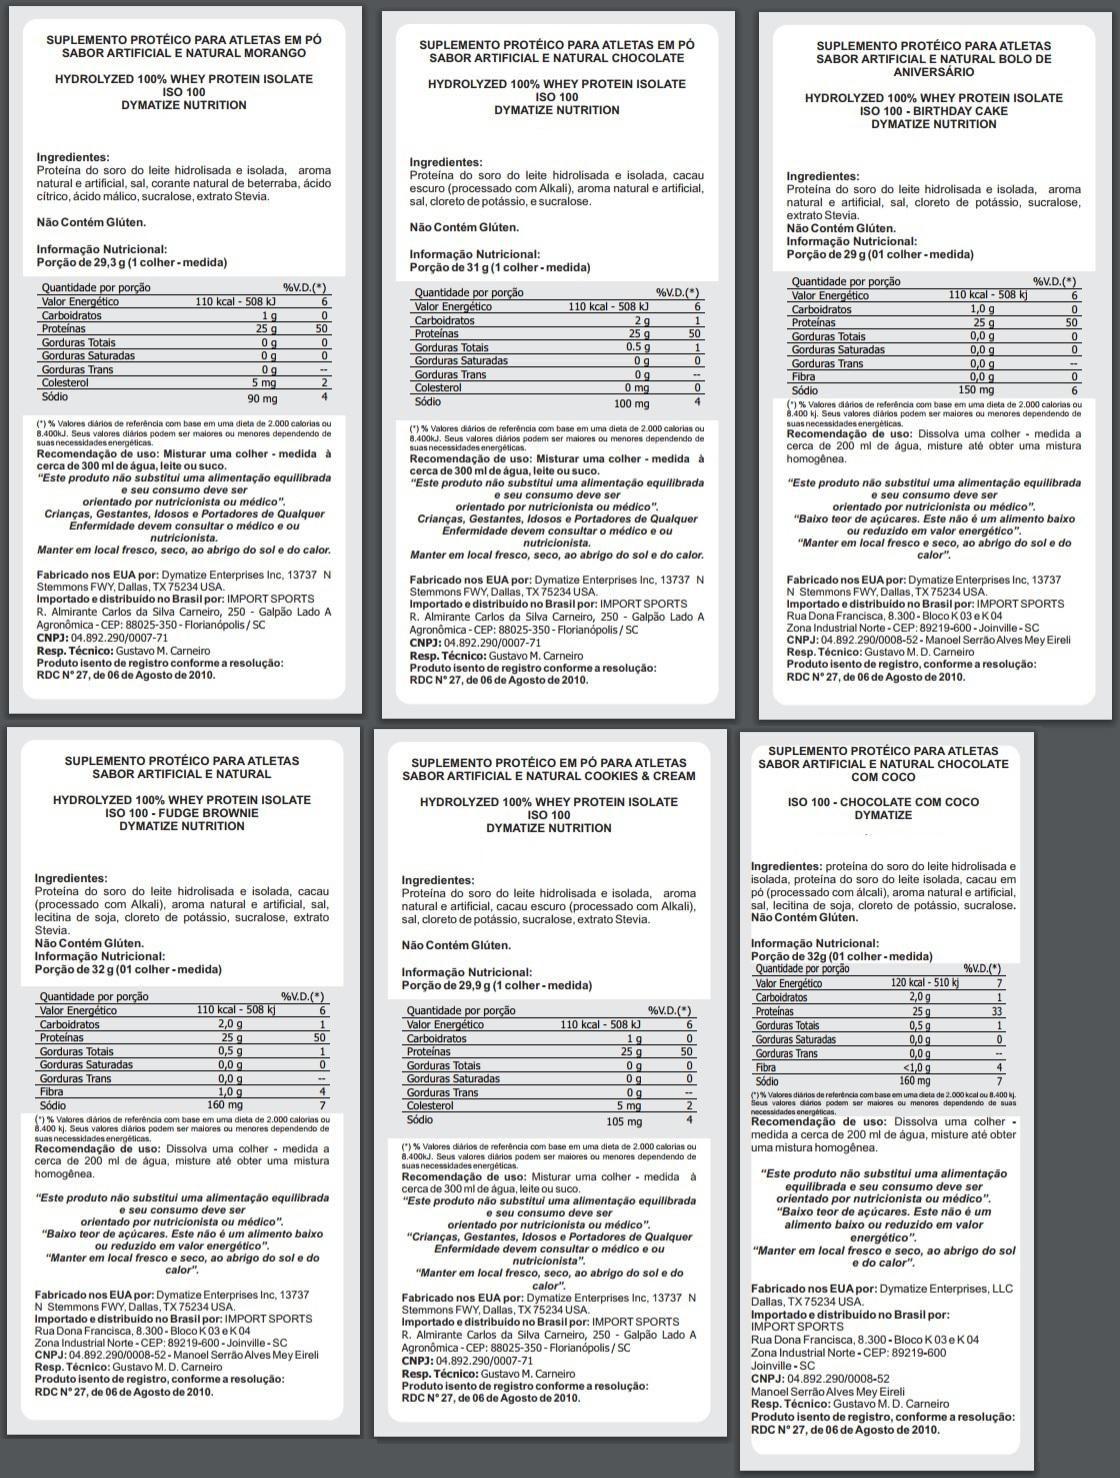 ISO 100 - 100% HIDROLYZED (1362G) DYMATIZE